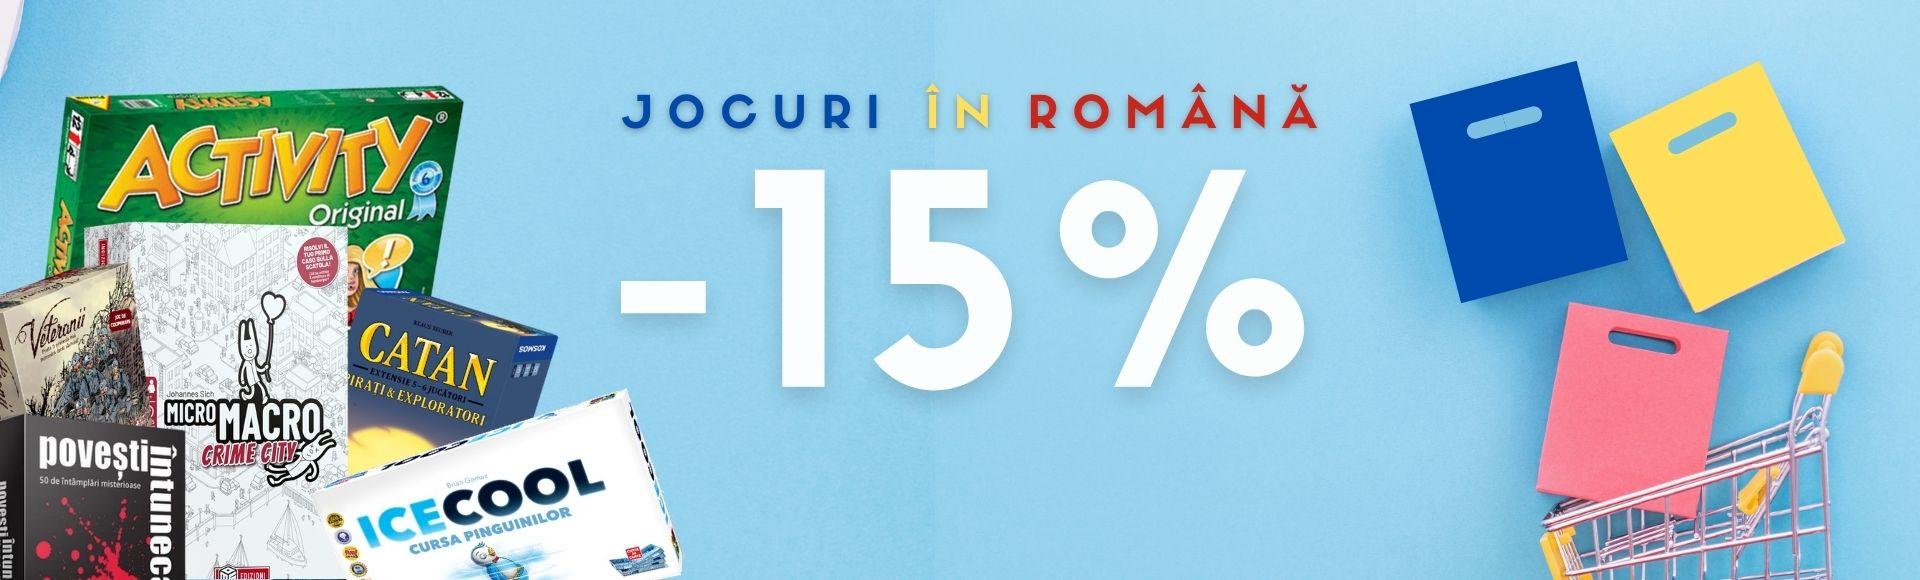 Jocuri in romana -15%